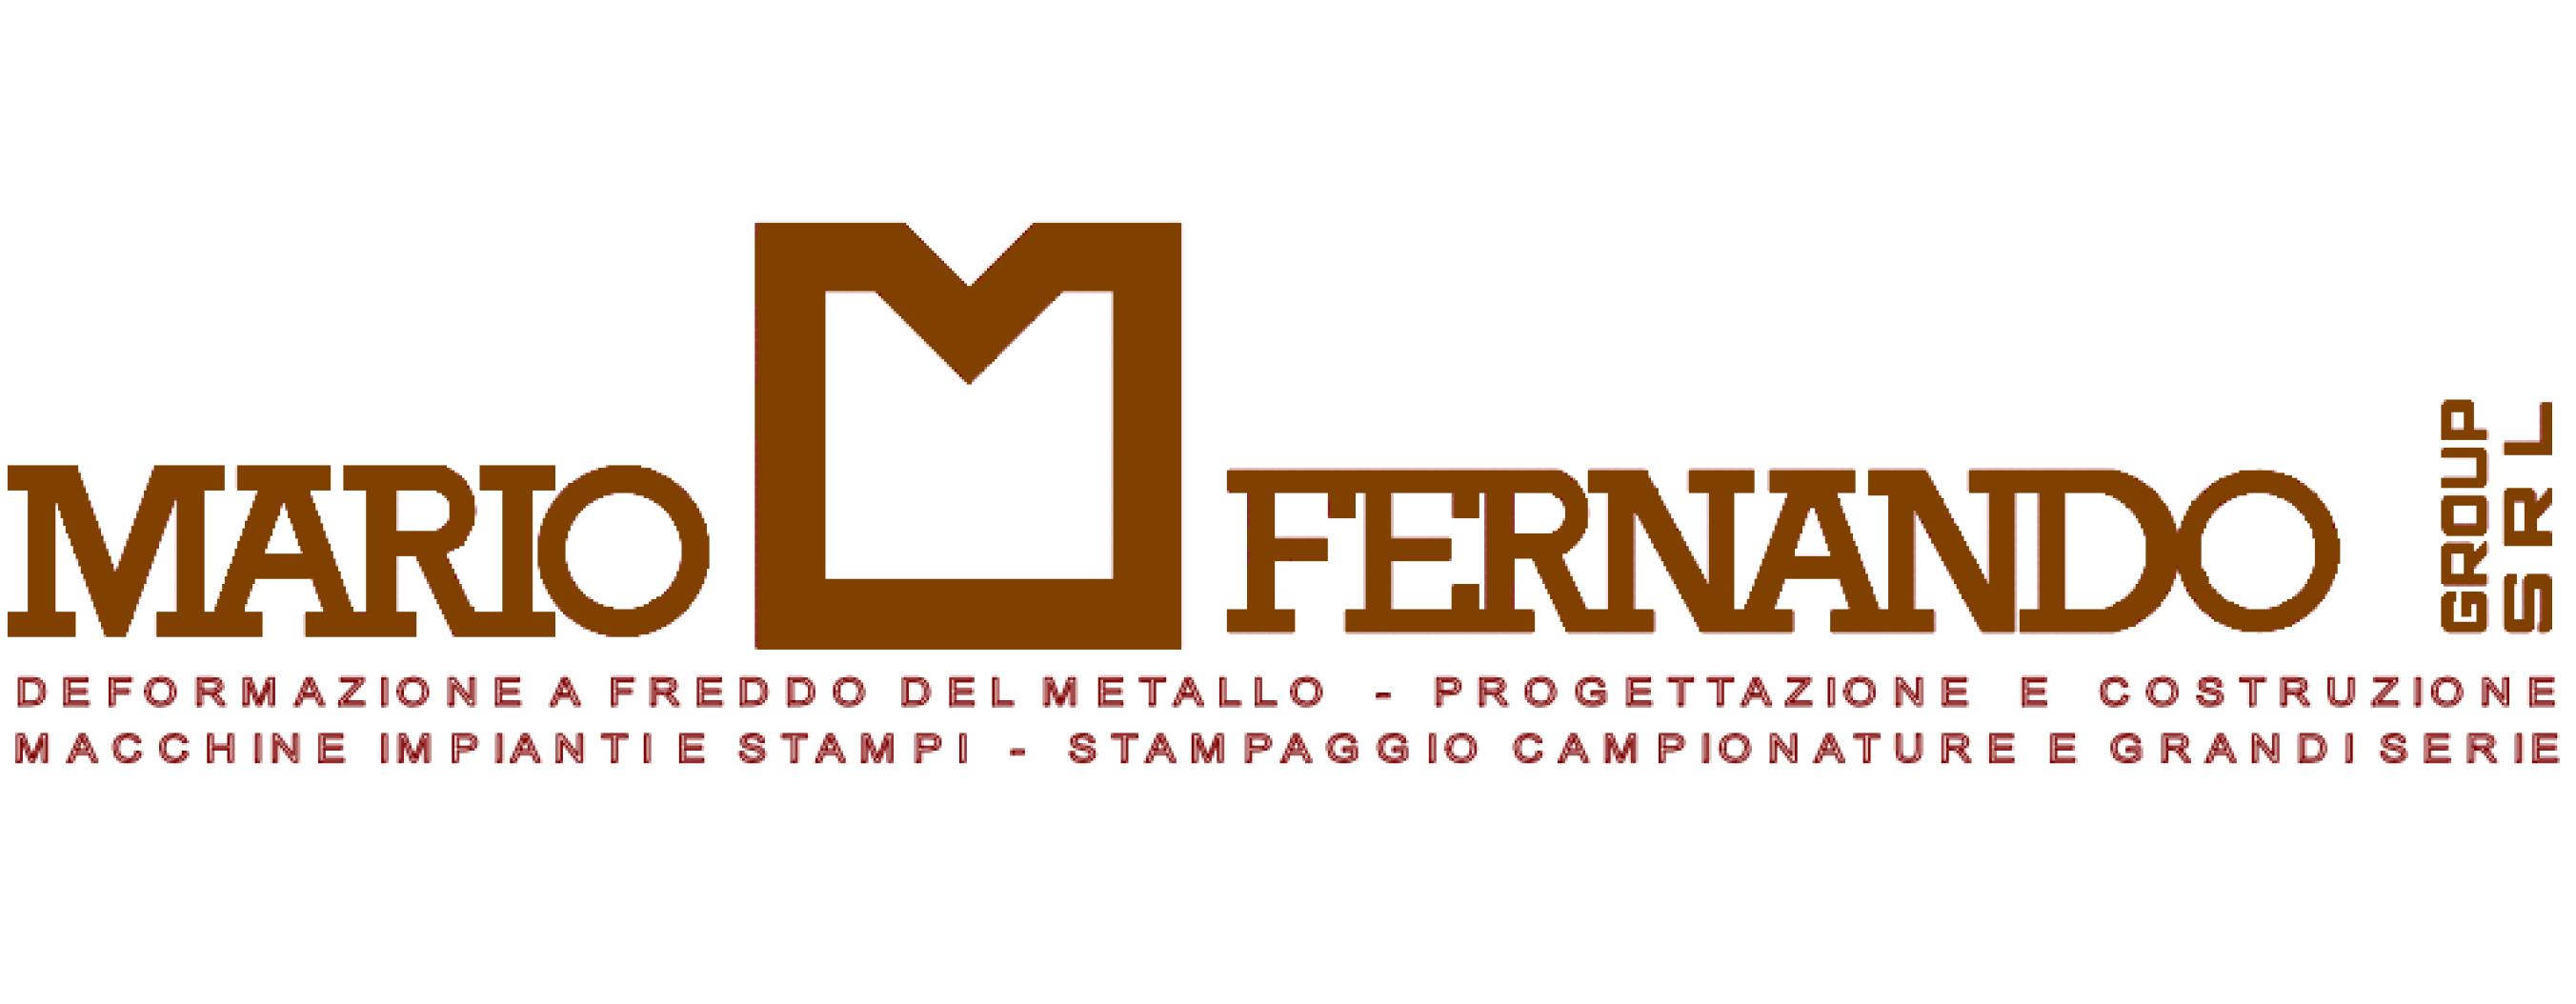 Mario Fernando